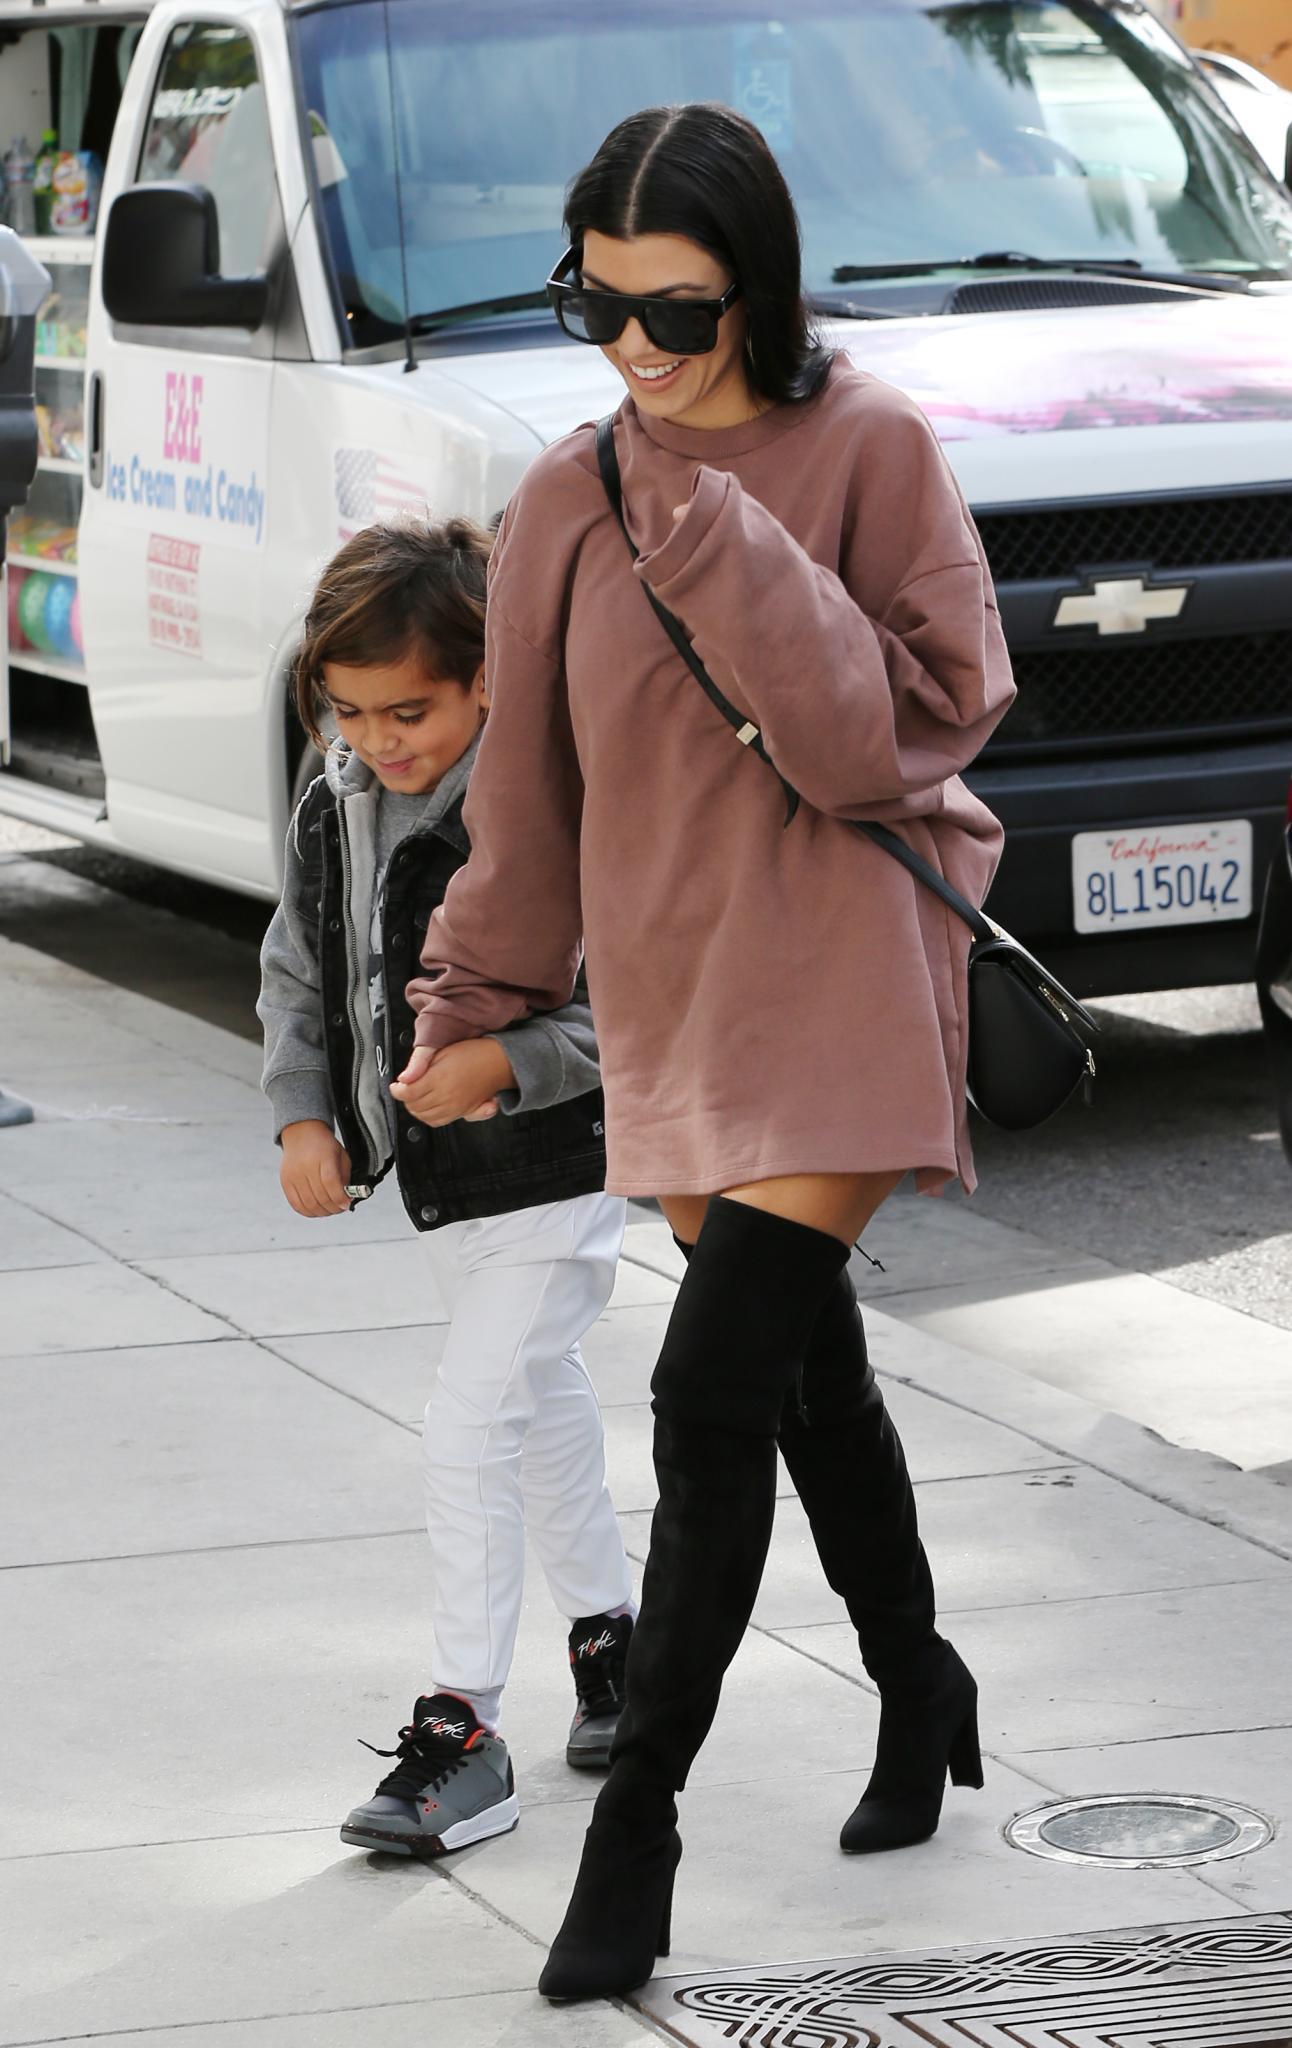 Shopping-Tour mit Mama: Kourtney Kardashian nimmt ihren Sohn Mason mit zum Einkaufen.